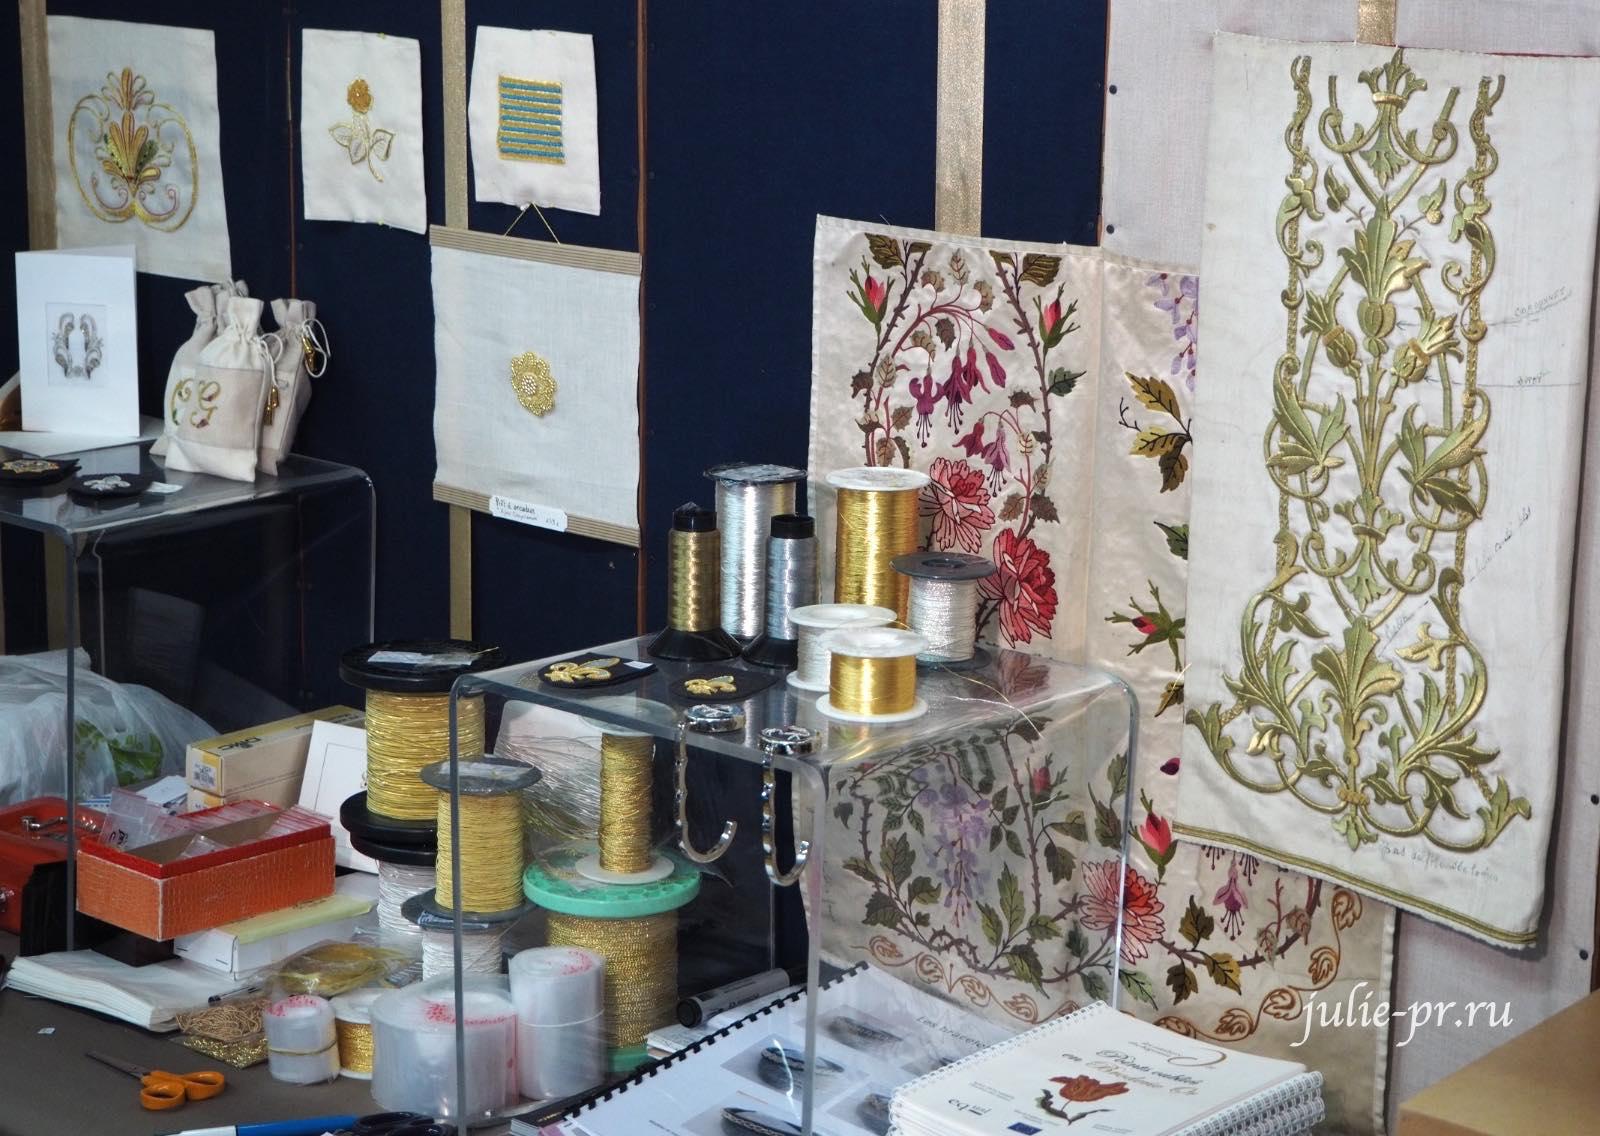 La broderie Or de Rochefort - золотная вышивка Рошфора, Création autour du fil